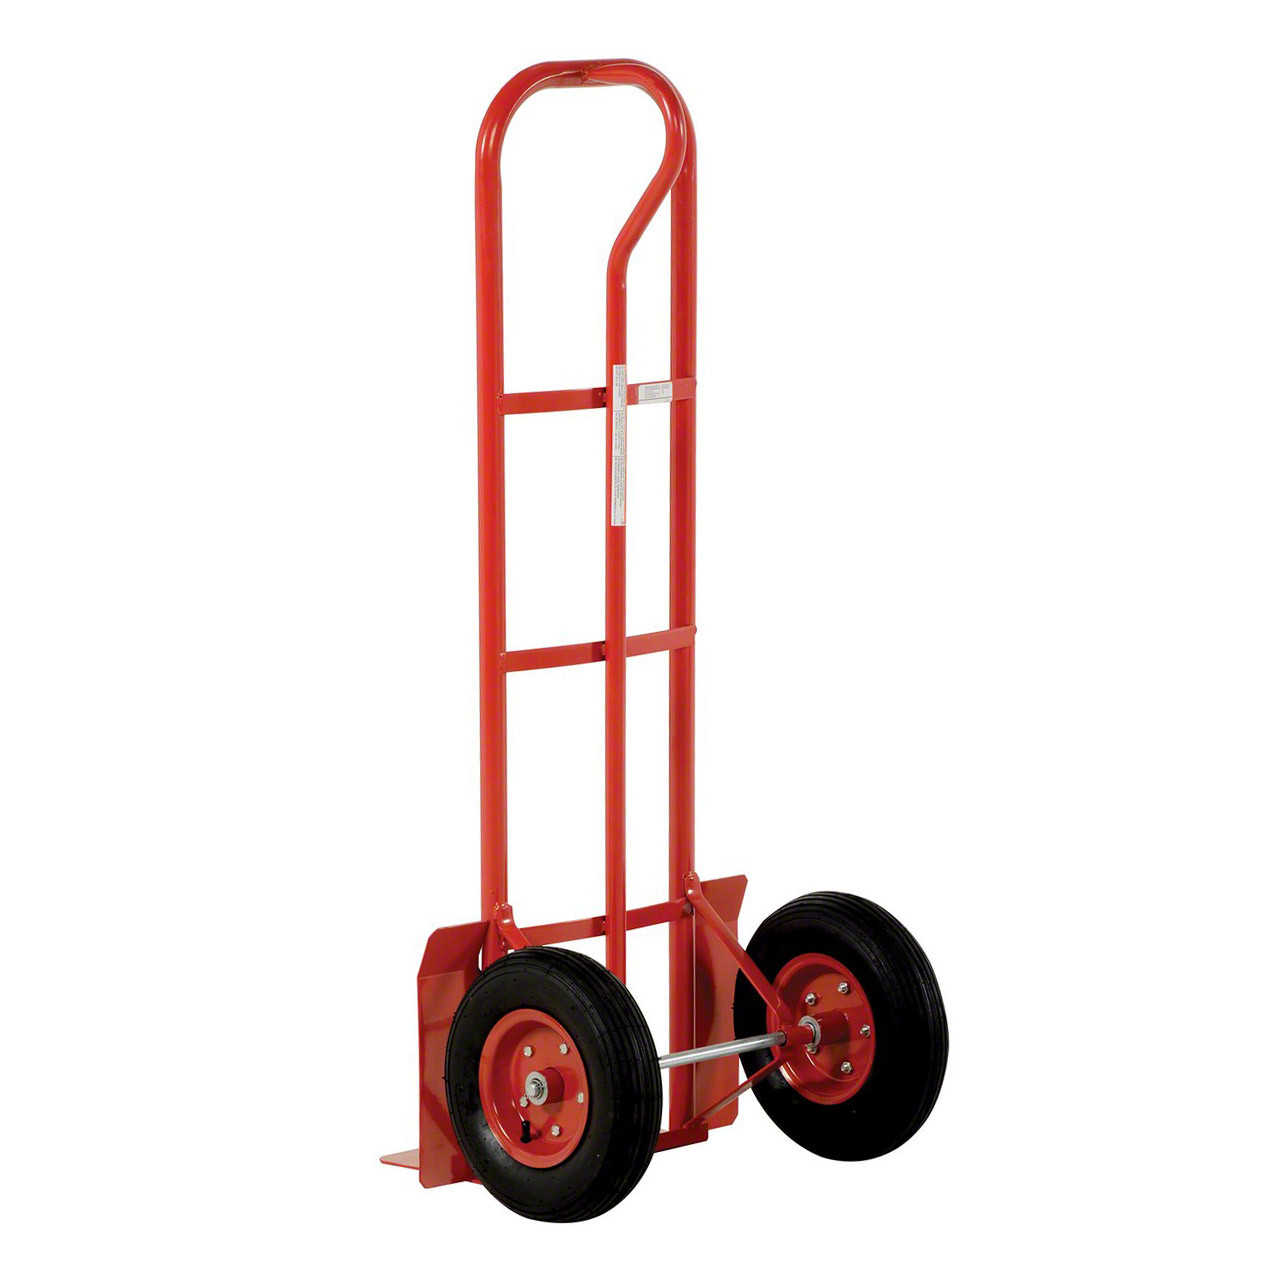 Red Steel P Handle Hand Truck